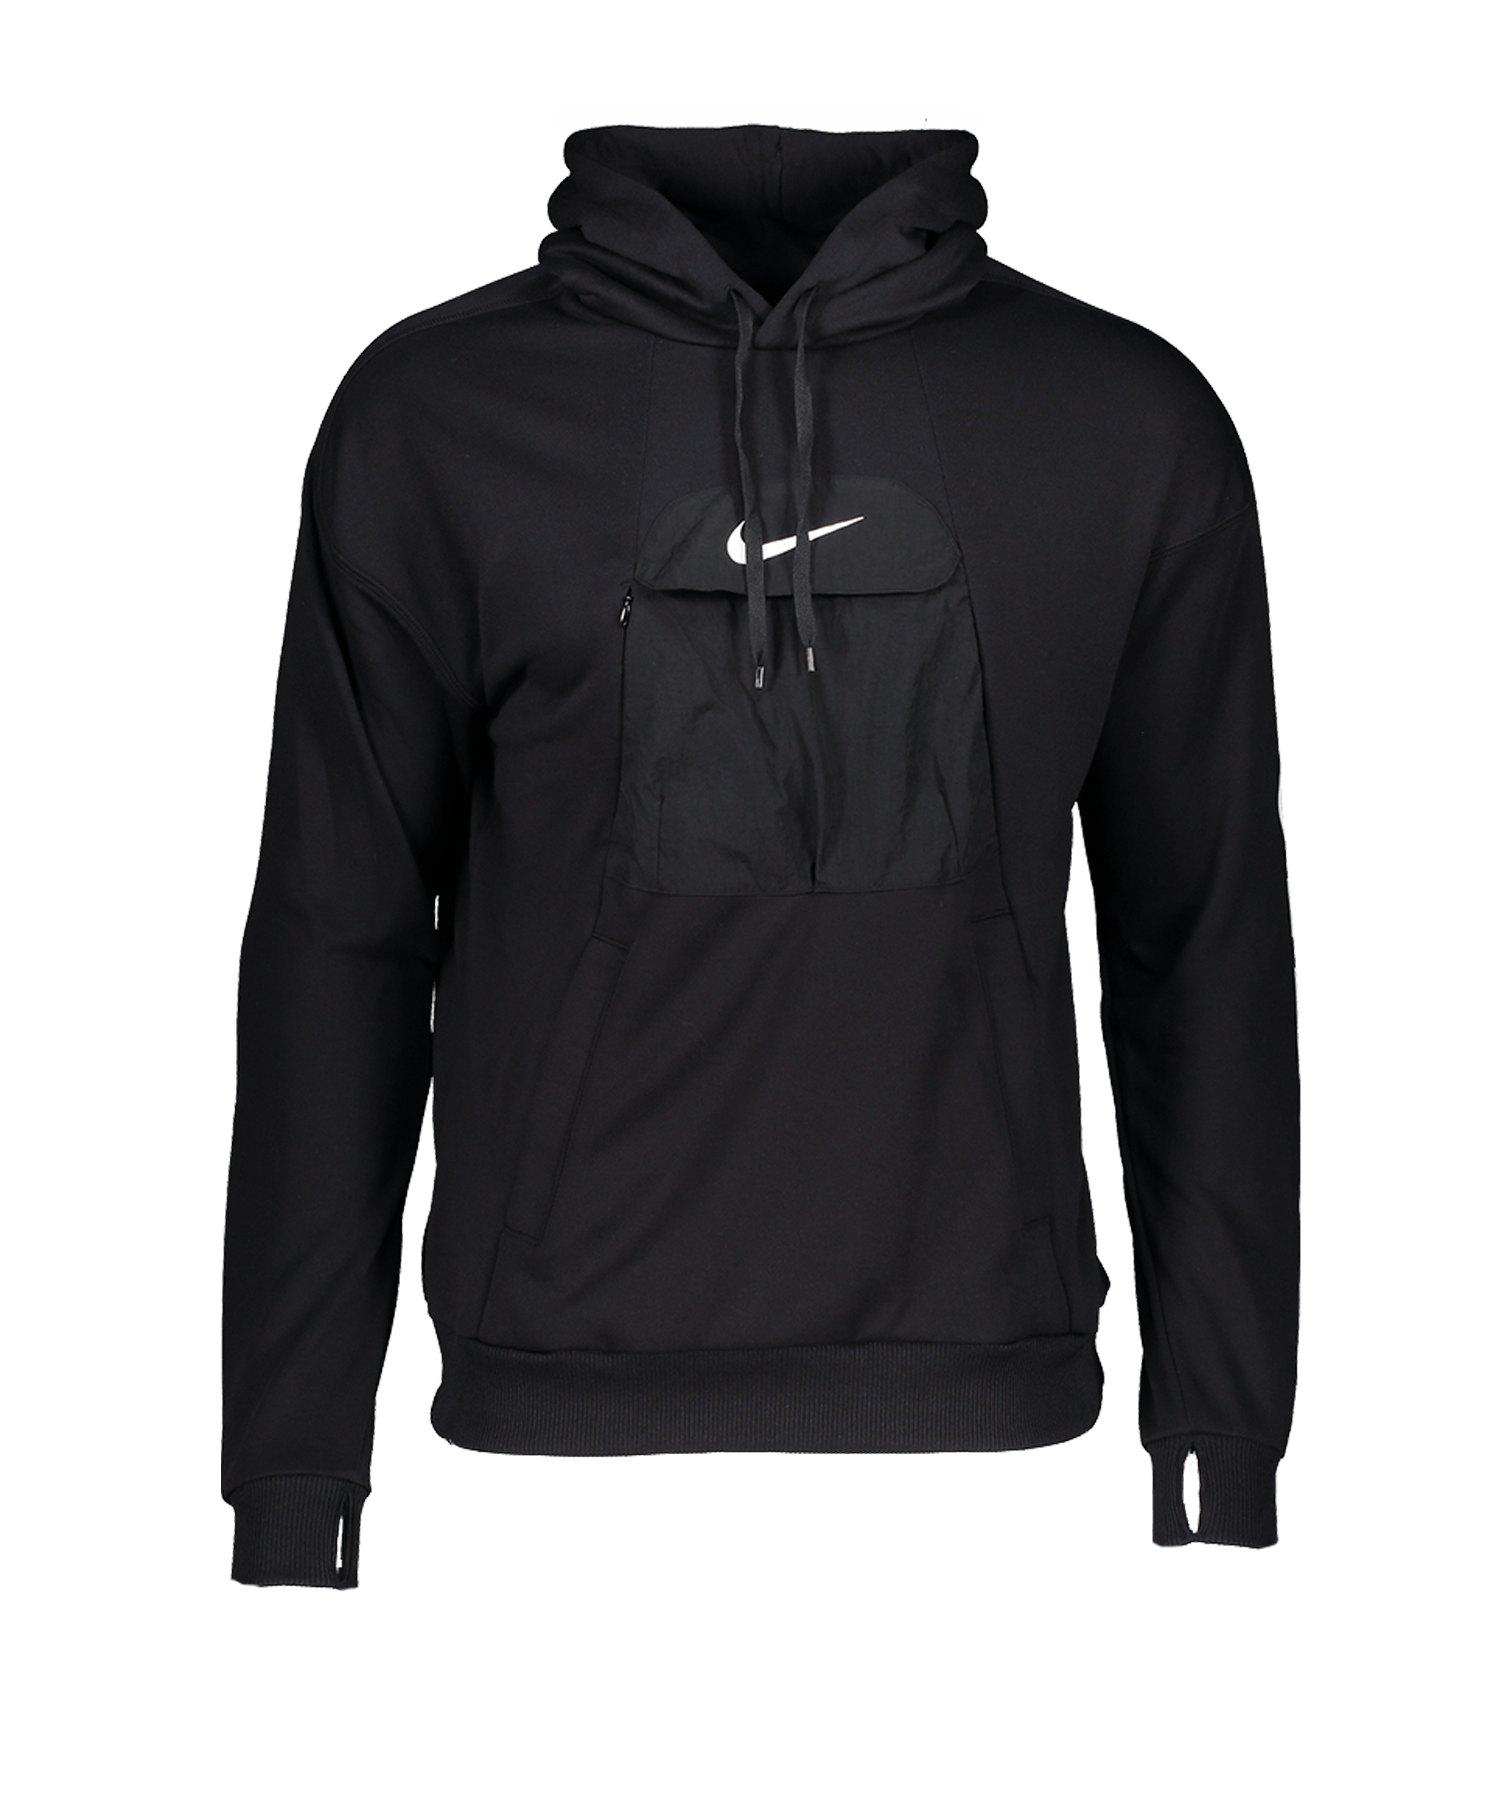 Nike F.C. Kapuzensweatshirt Schwarz F010 - schwarz